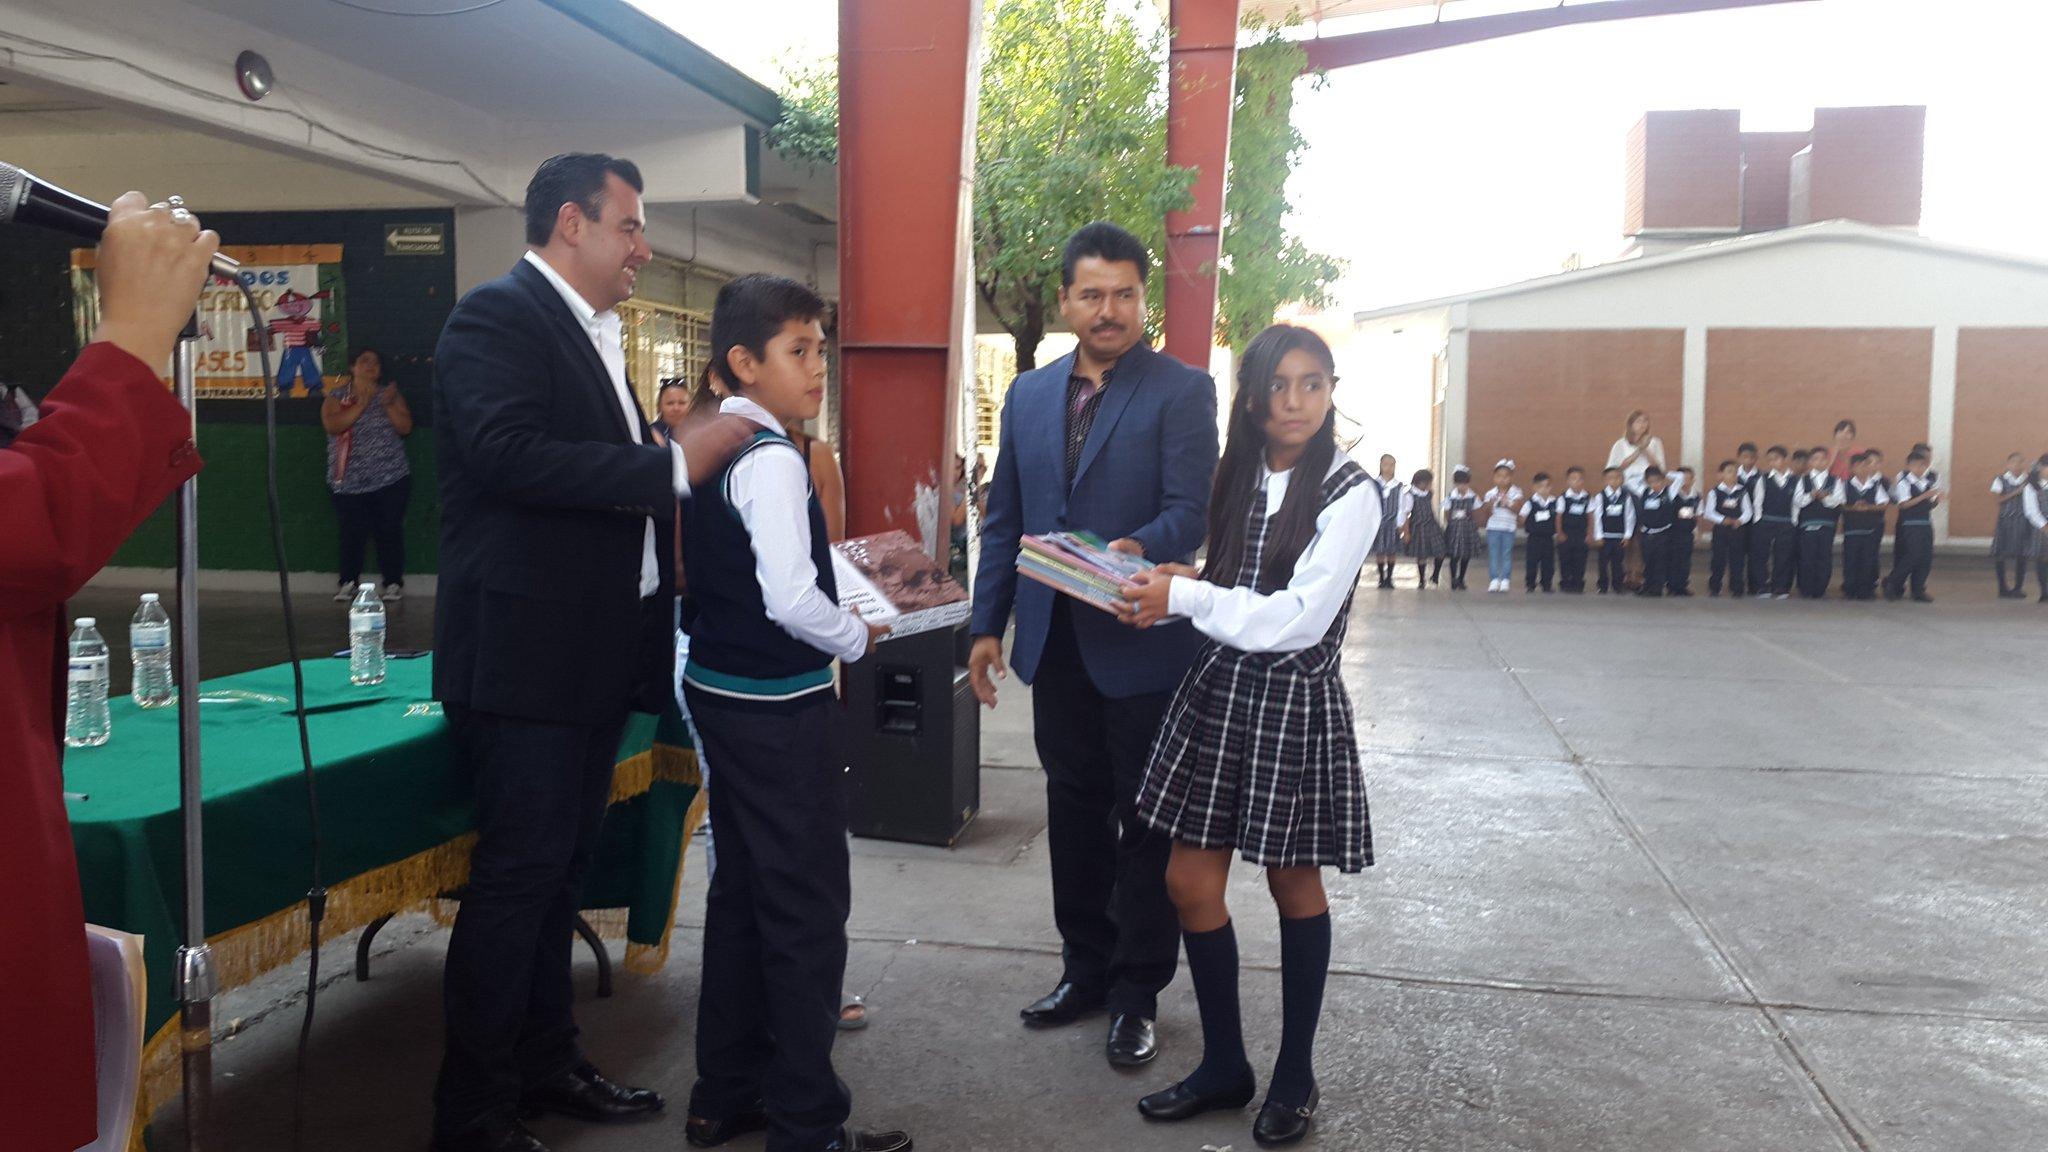 Feliz #RegresoAClases con libros de texto y paquetes escolares #EducaciónOrgulloDeCoahuila @EPN @rubenmoreiravdz https://t.co/5c2amM72rA